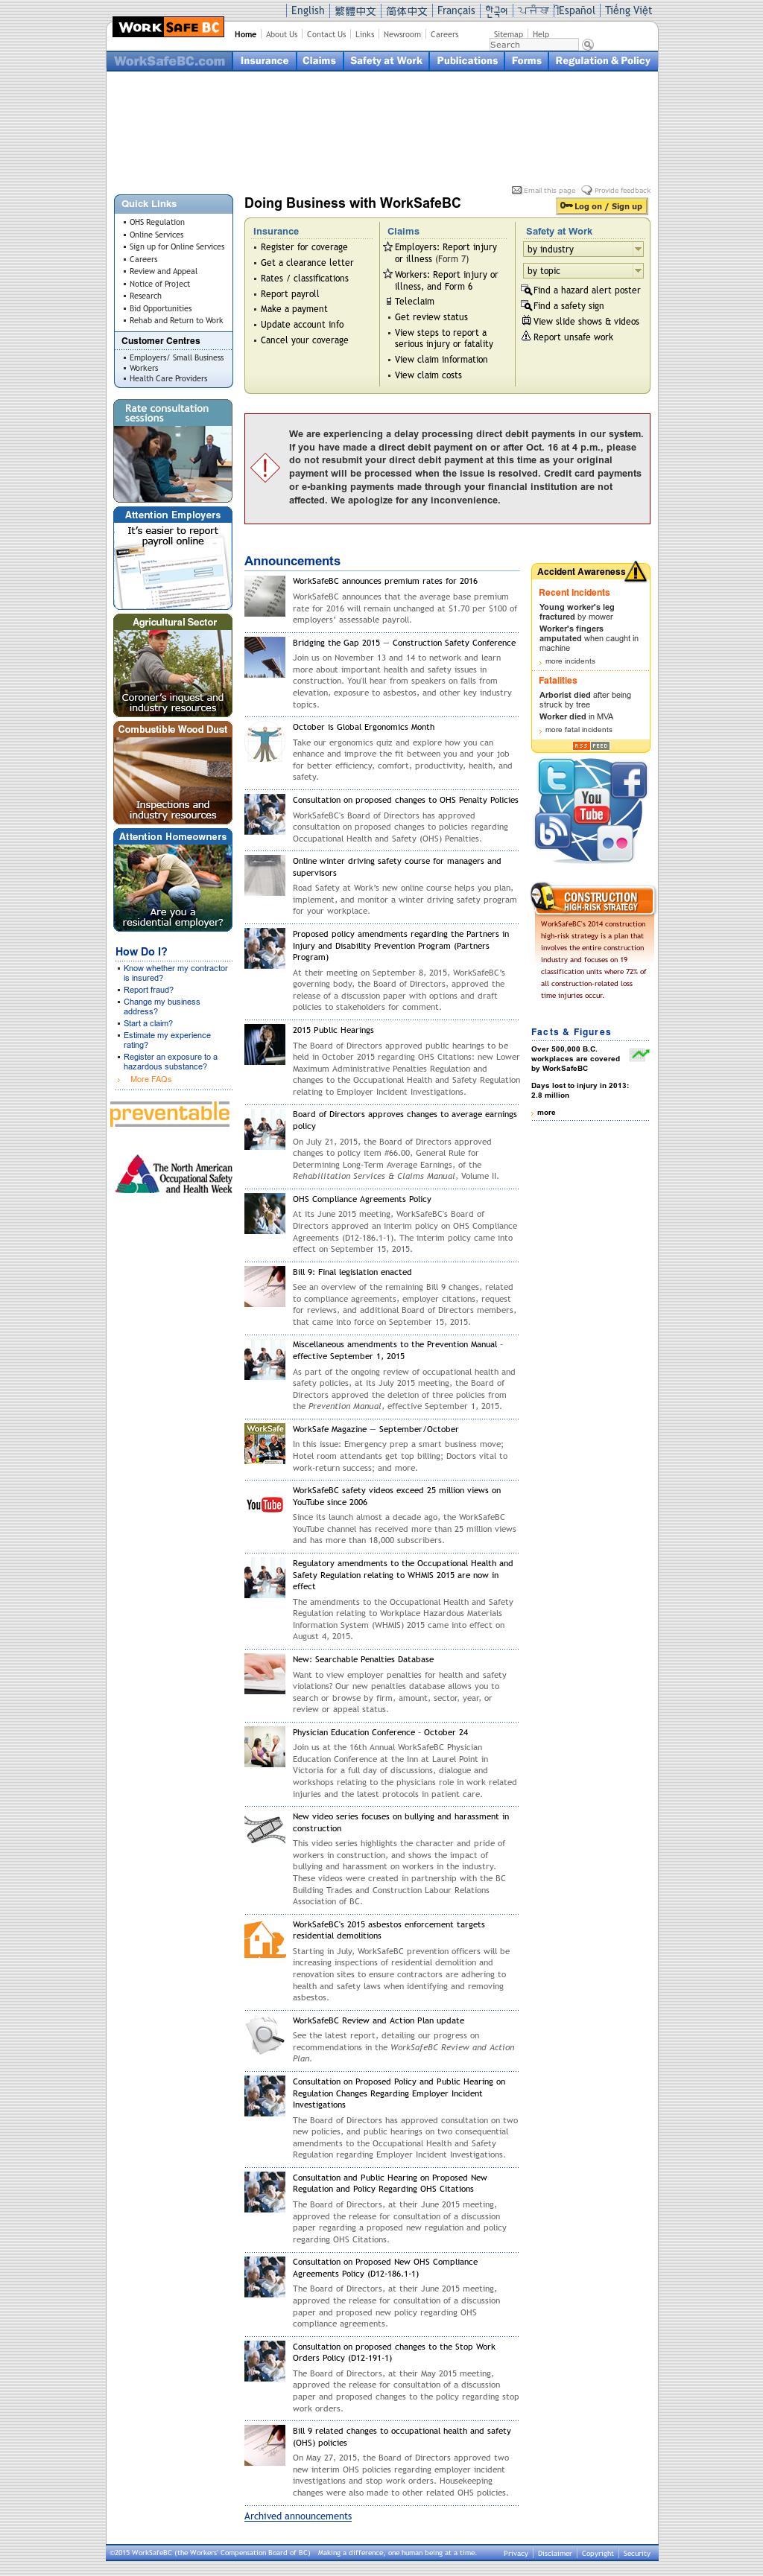 worksafebc incident report - Ataum berglauf-verband com